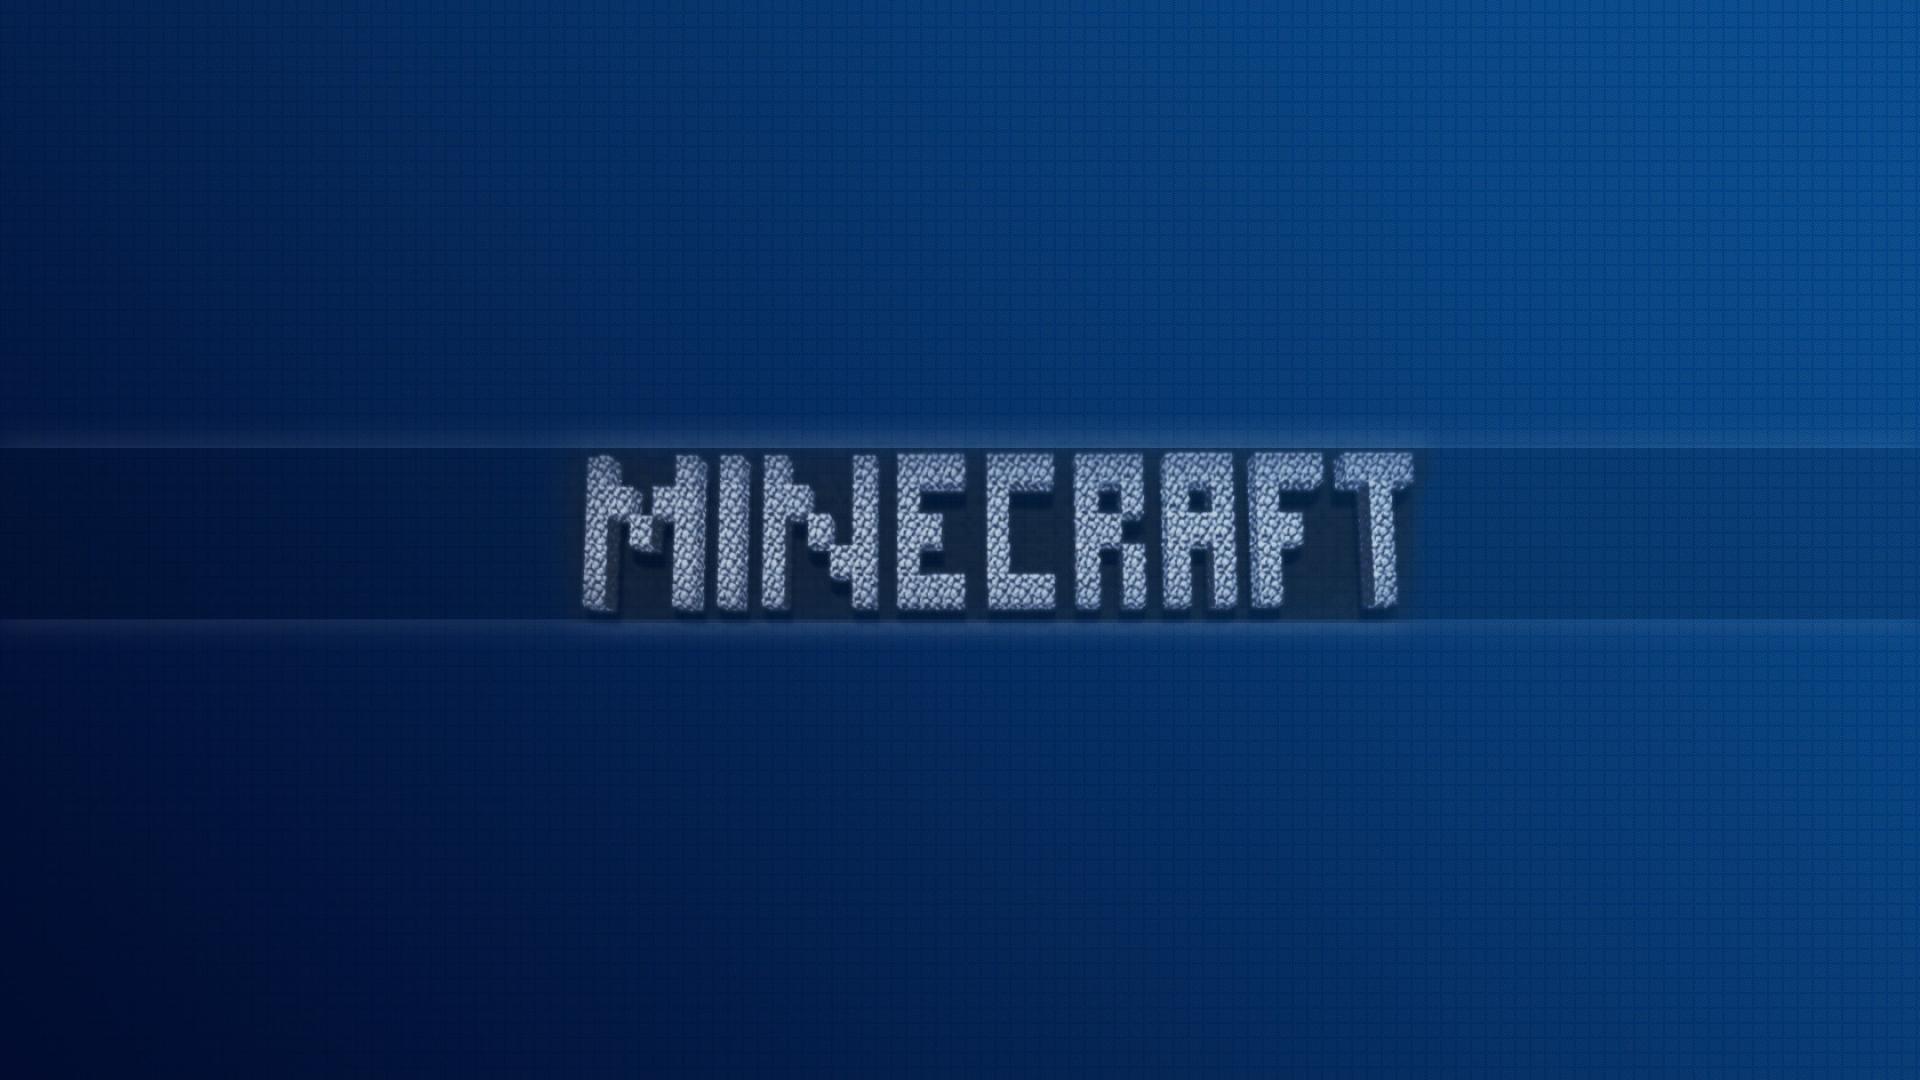 Minecraft Background Free Download